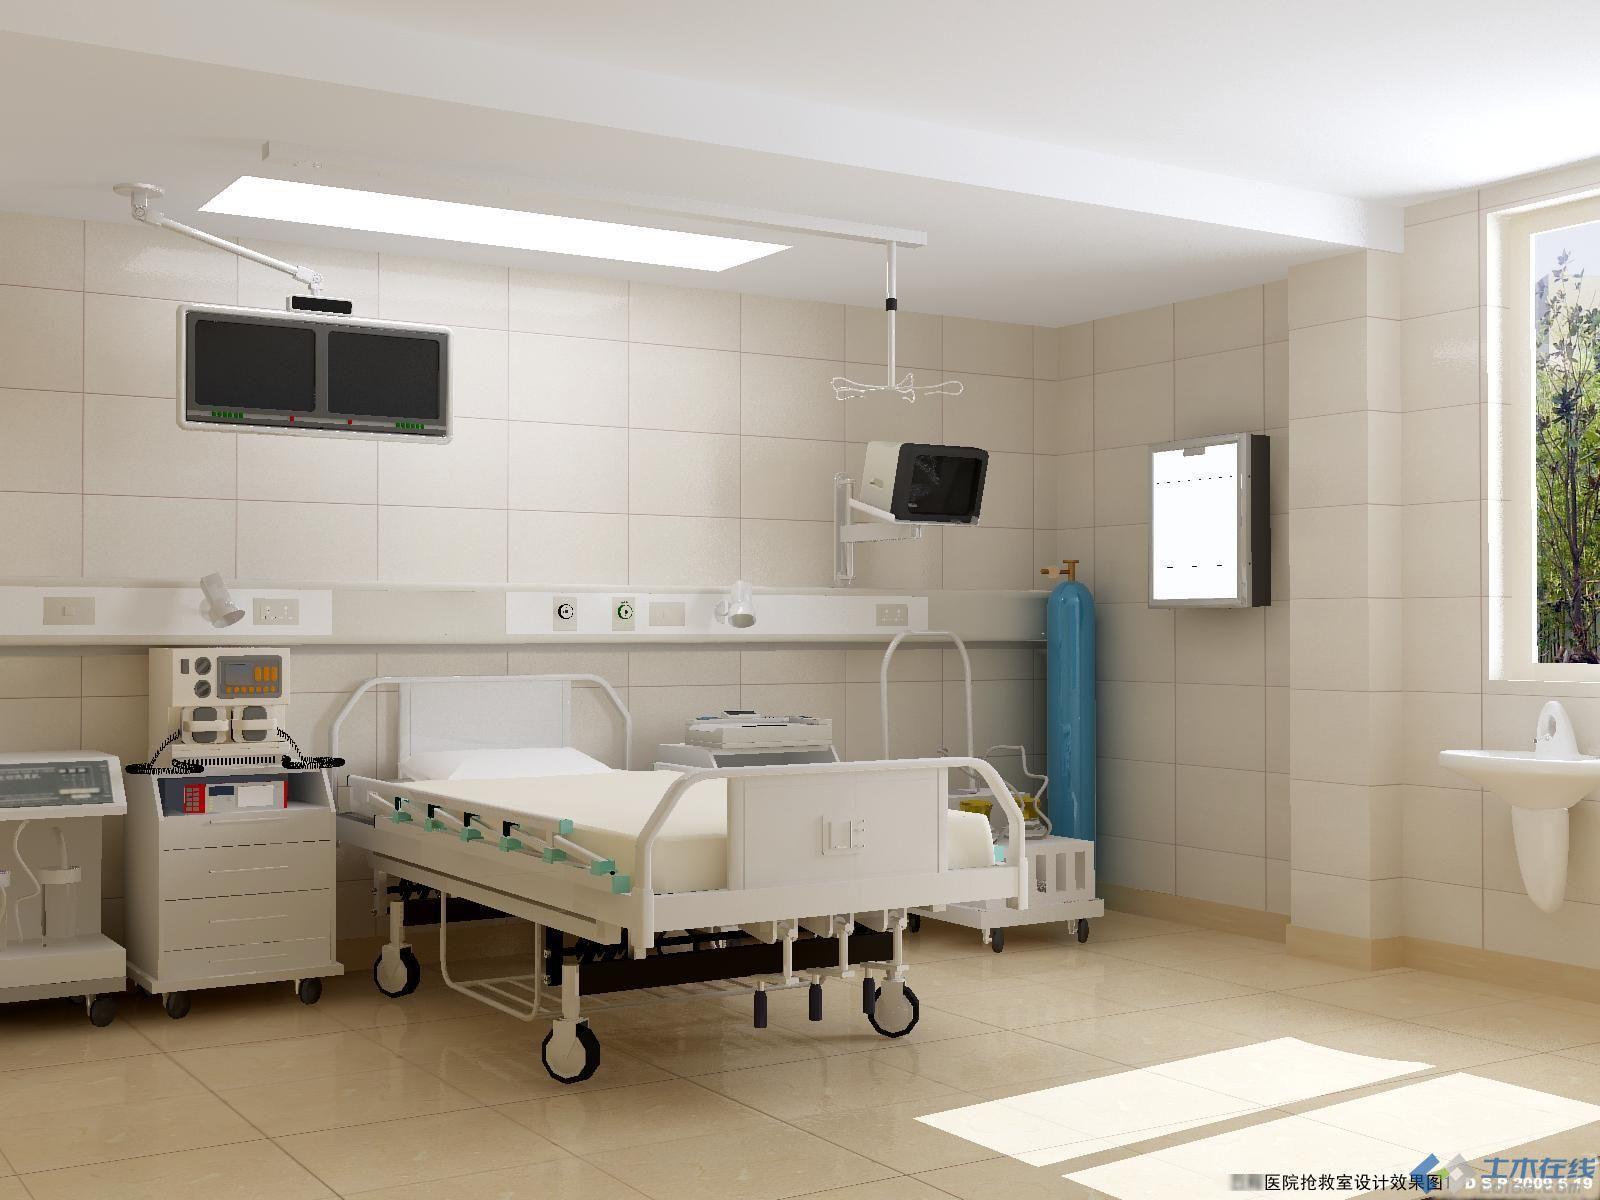 医院抢救室设计效果图.jpg高清图片